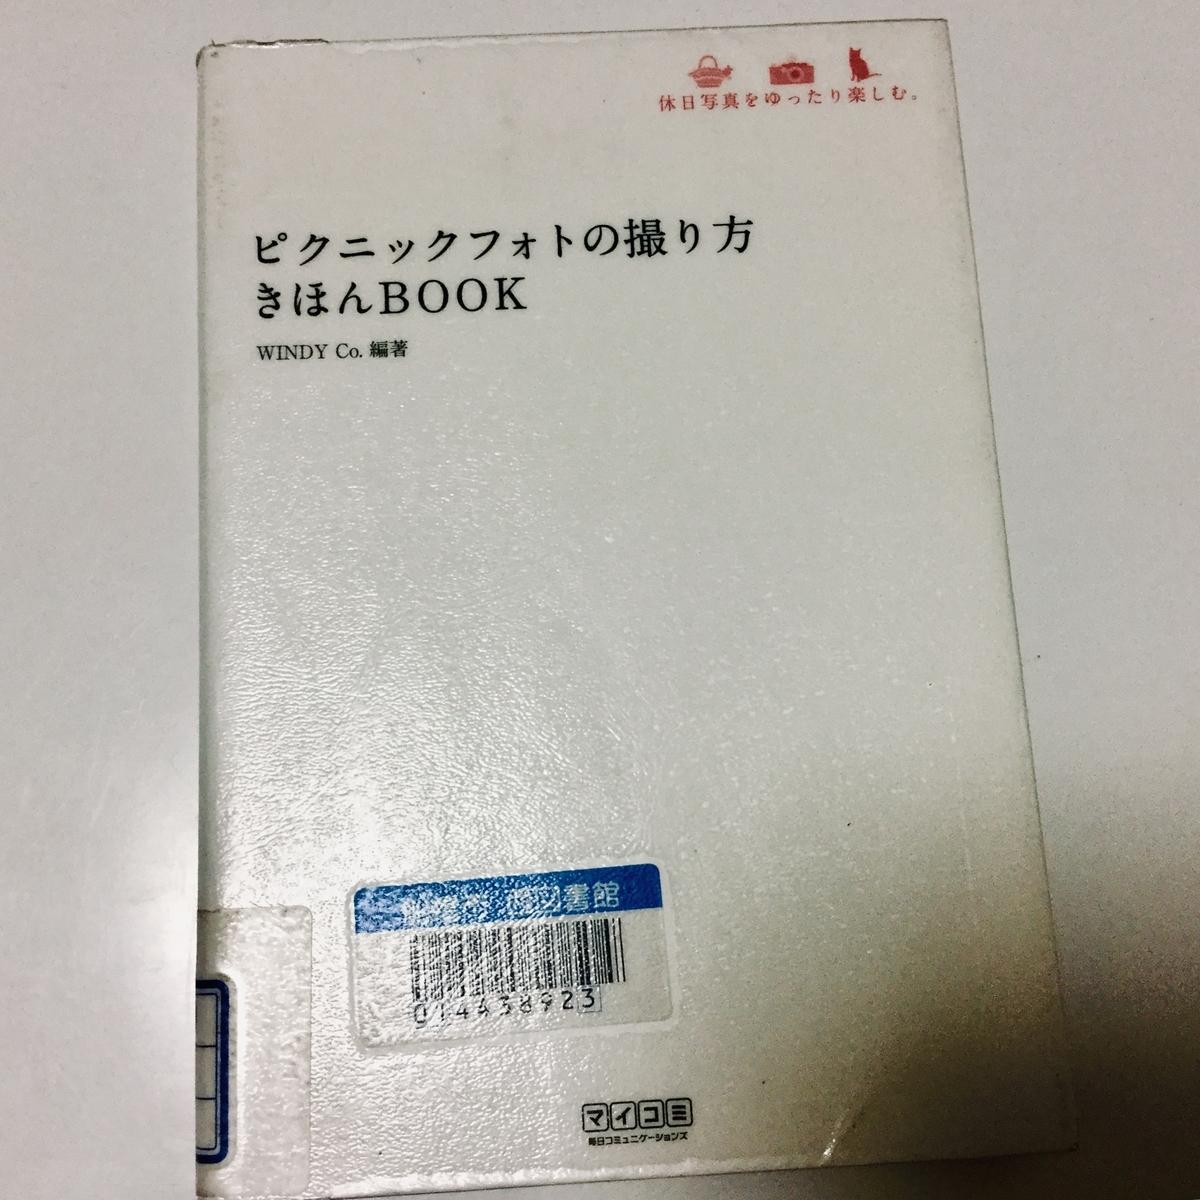 f:id:yumeusagiyukiusagi:20191004094147j:plain